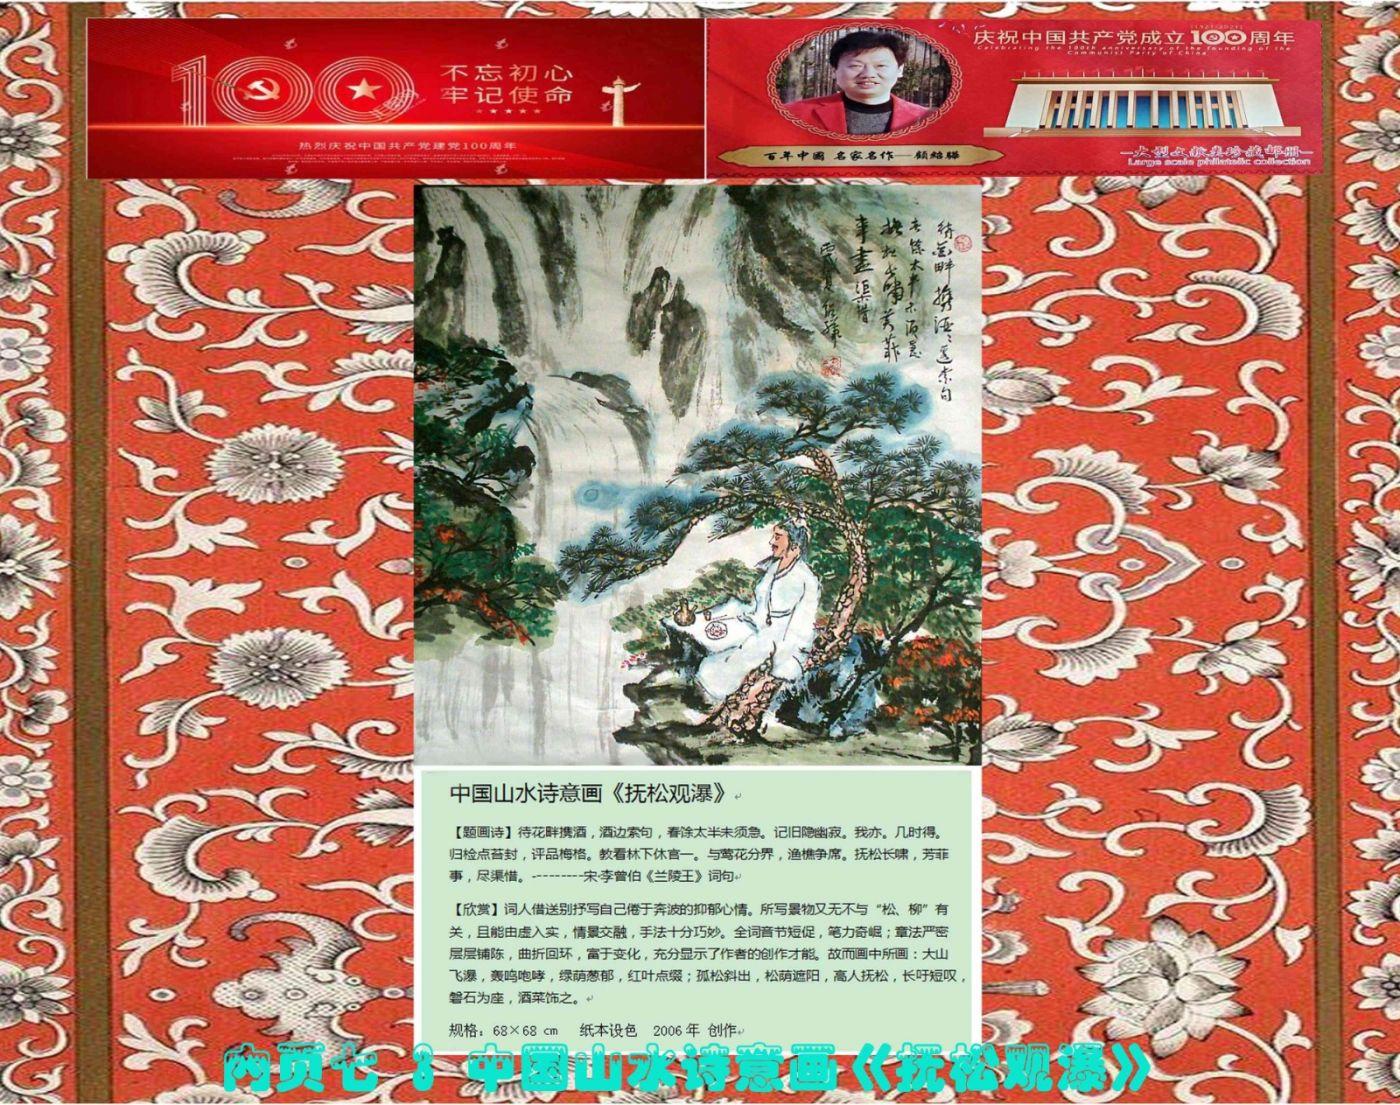 顾绍骅的诗情画意又入选《庆祝中国共产党成立100周年 百年中国名家名作》 ..._图1-22